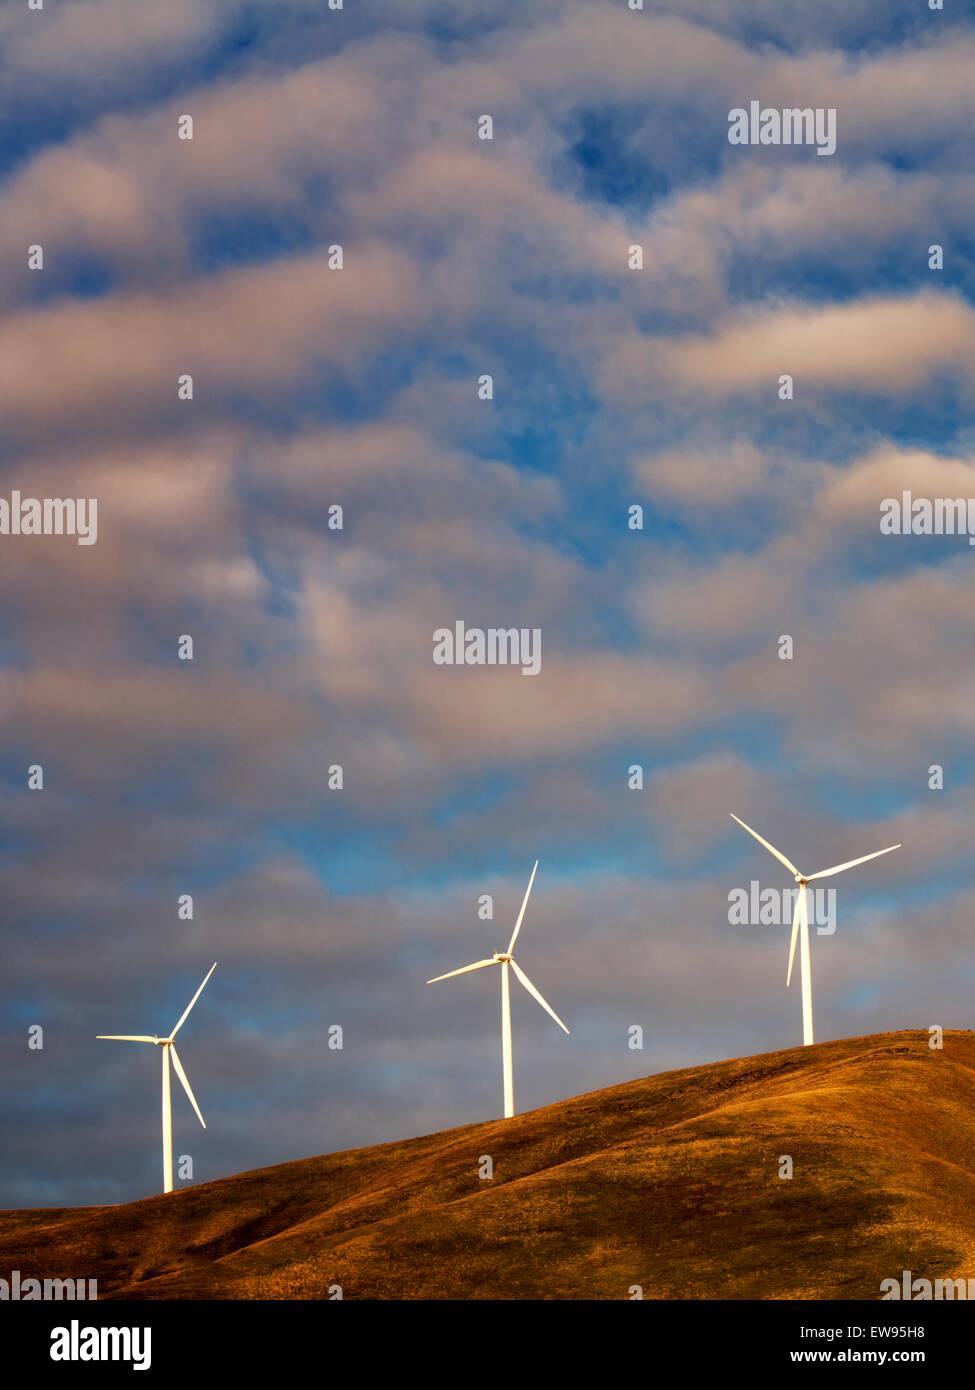 Windmühlen in der Nähe der Columbia River Gorge, Oregon Stockbild